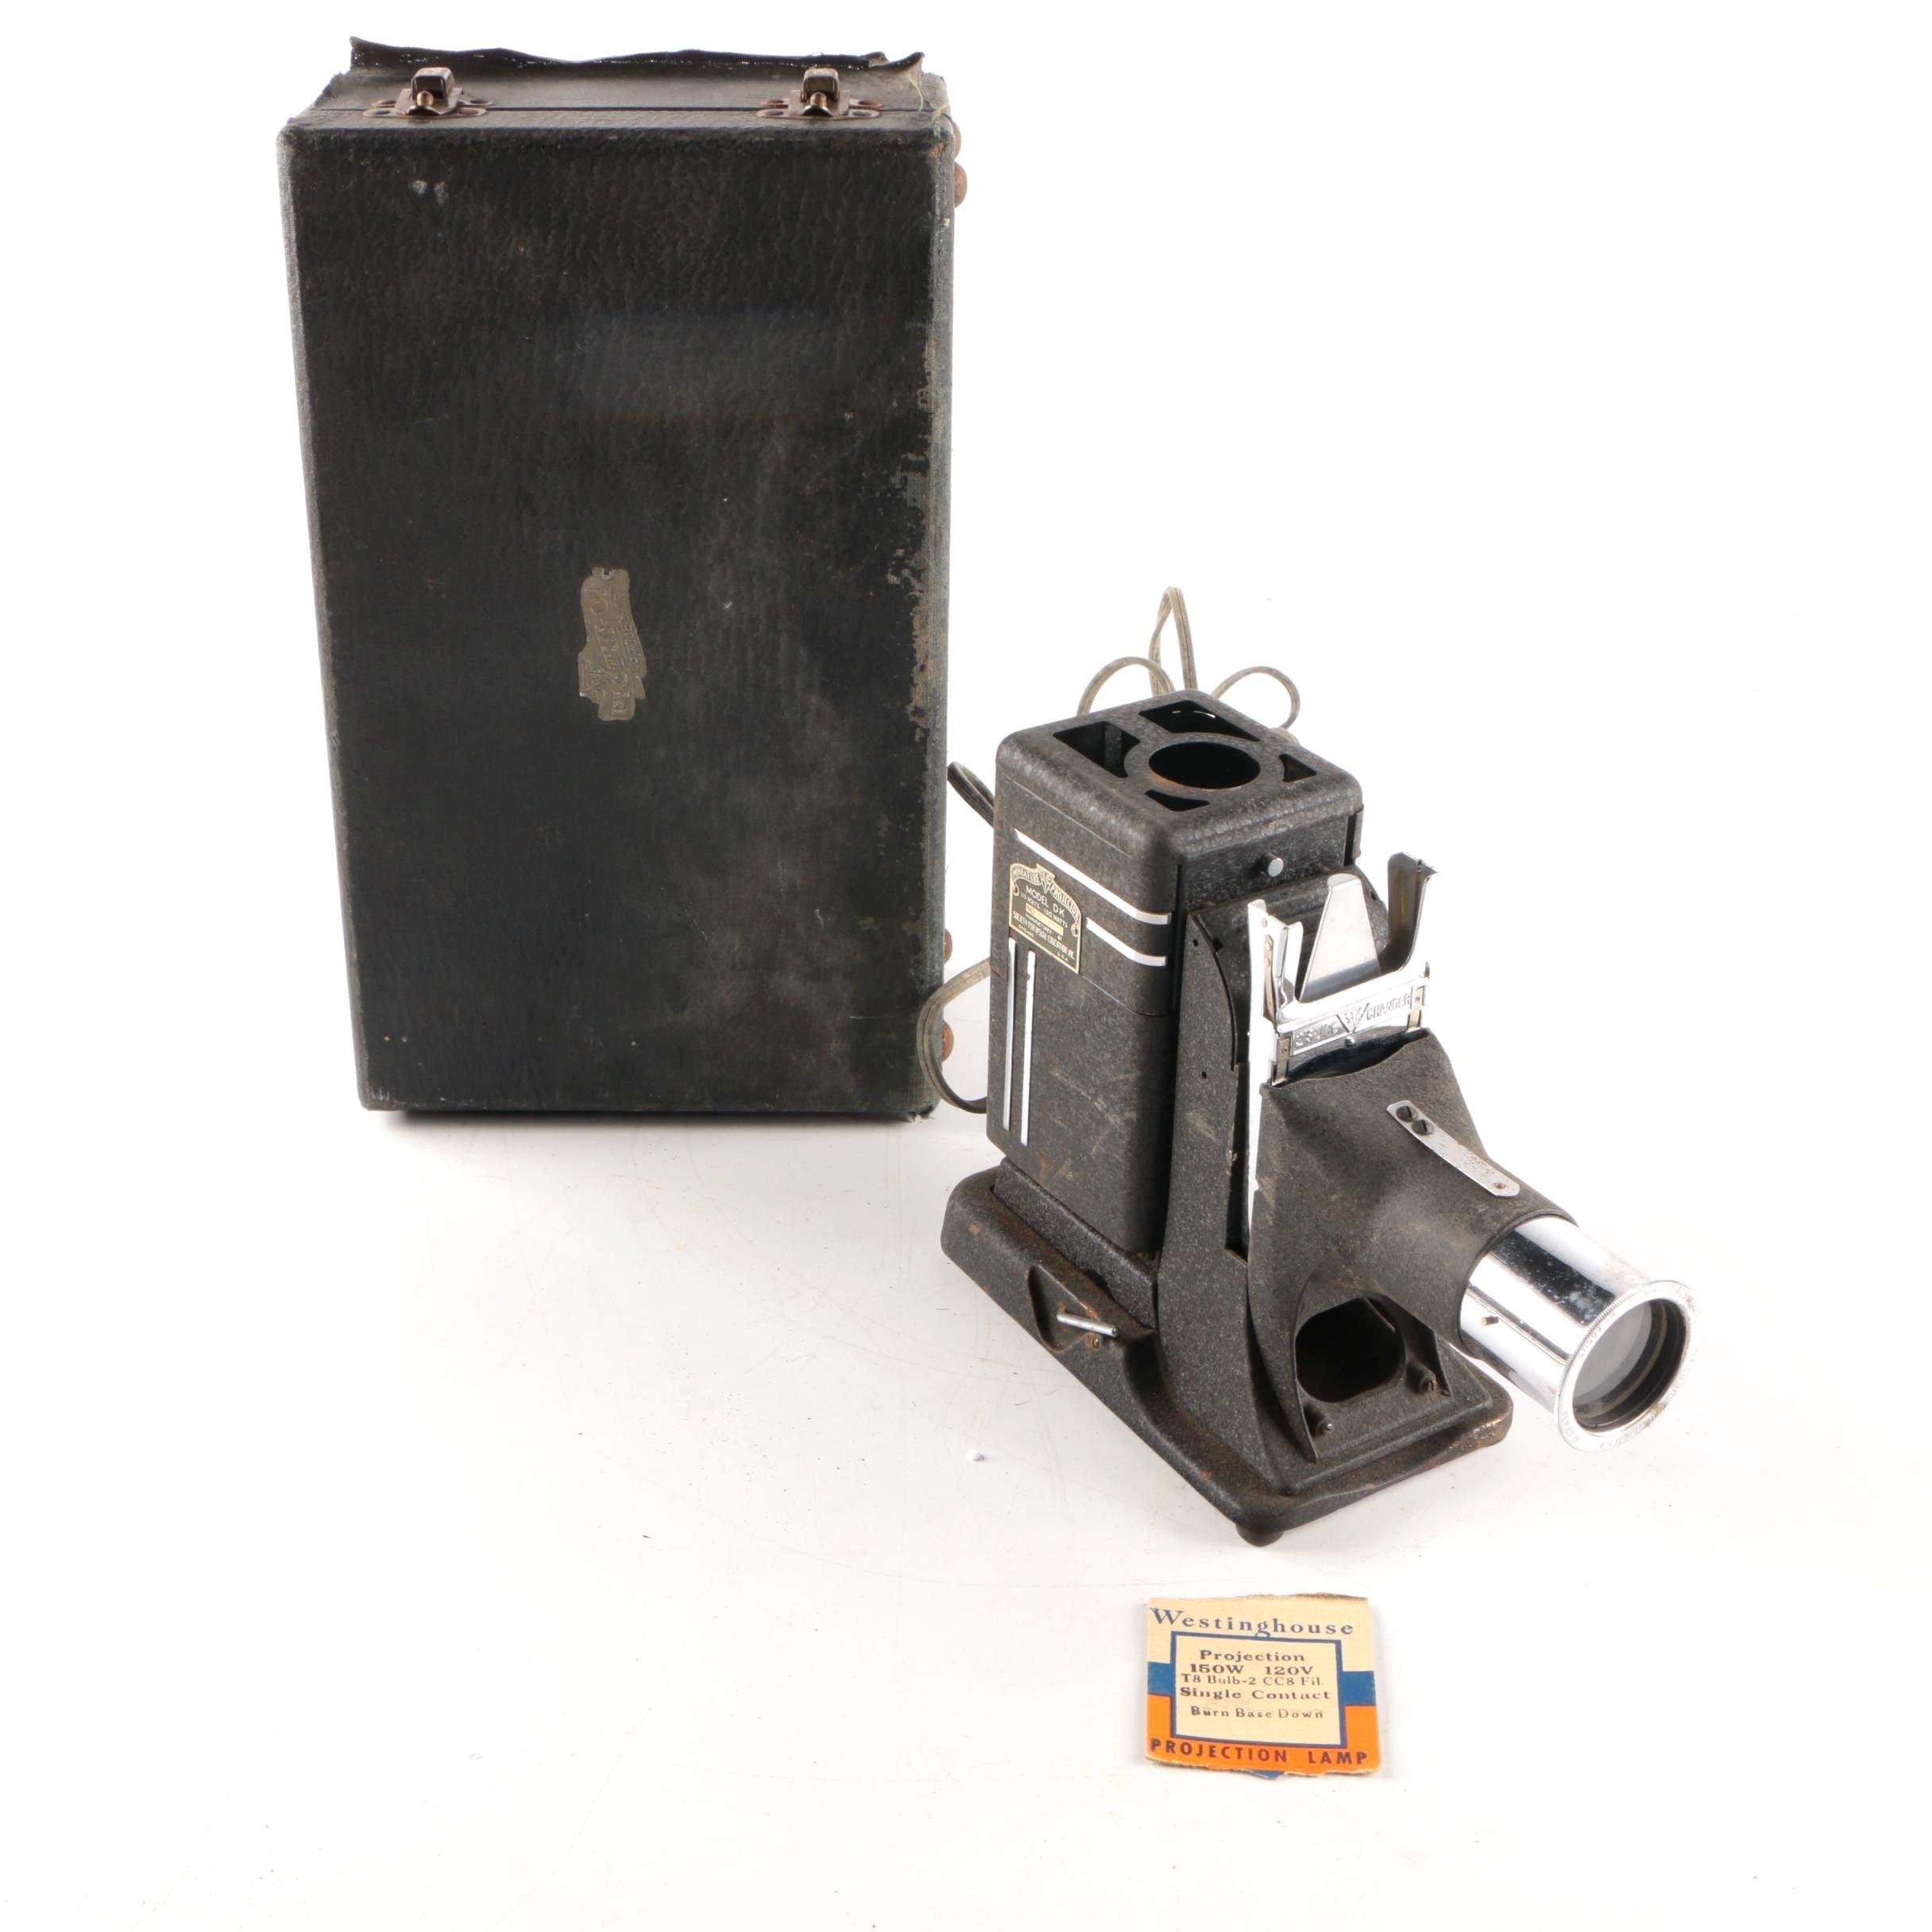 Vintage SVE Model DK Miniature Slide Projector